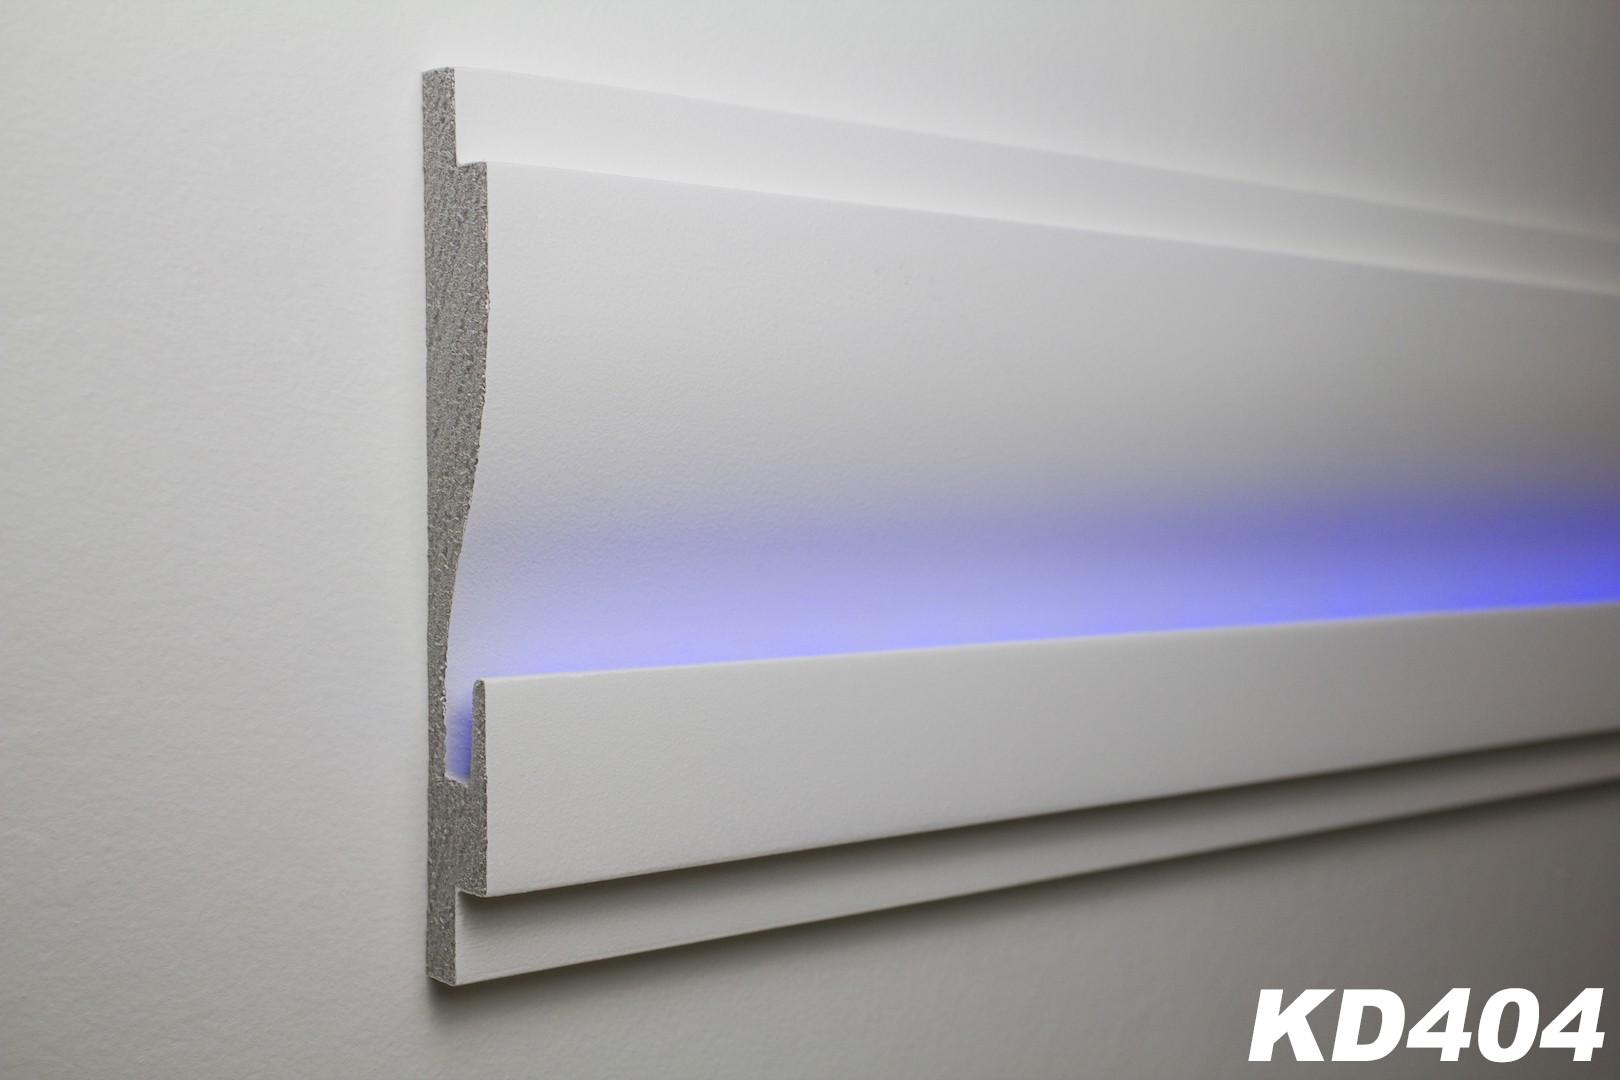 Kd404 originalbild